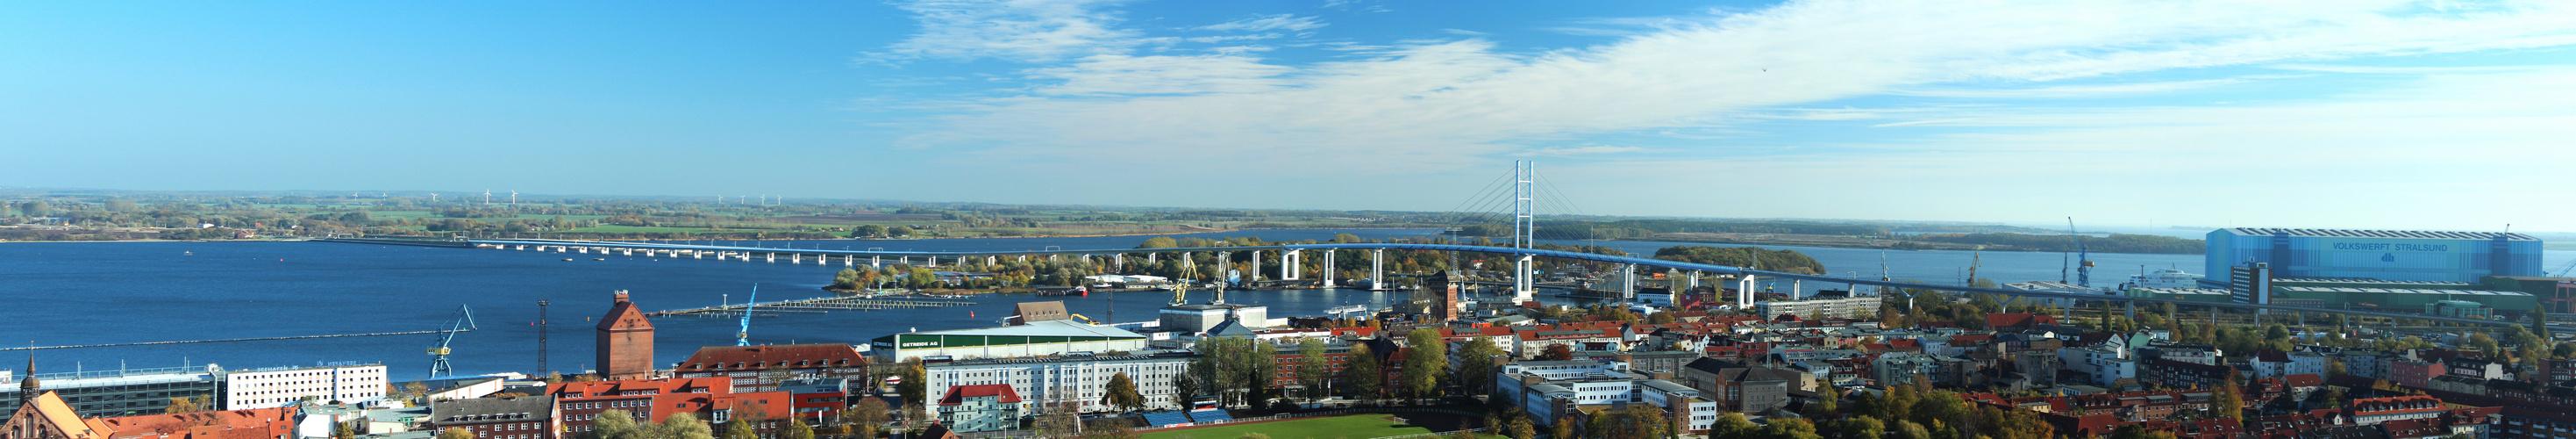 Stralsunds neue verbindung nach Rügen